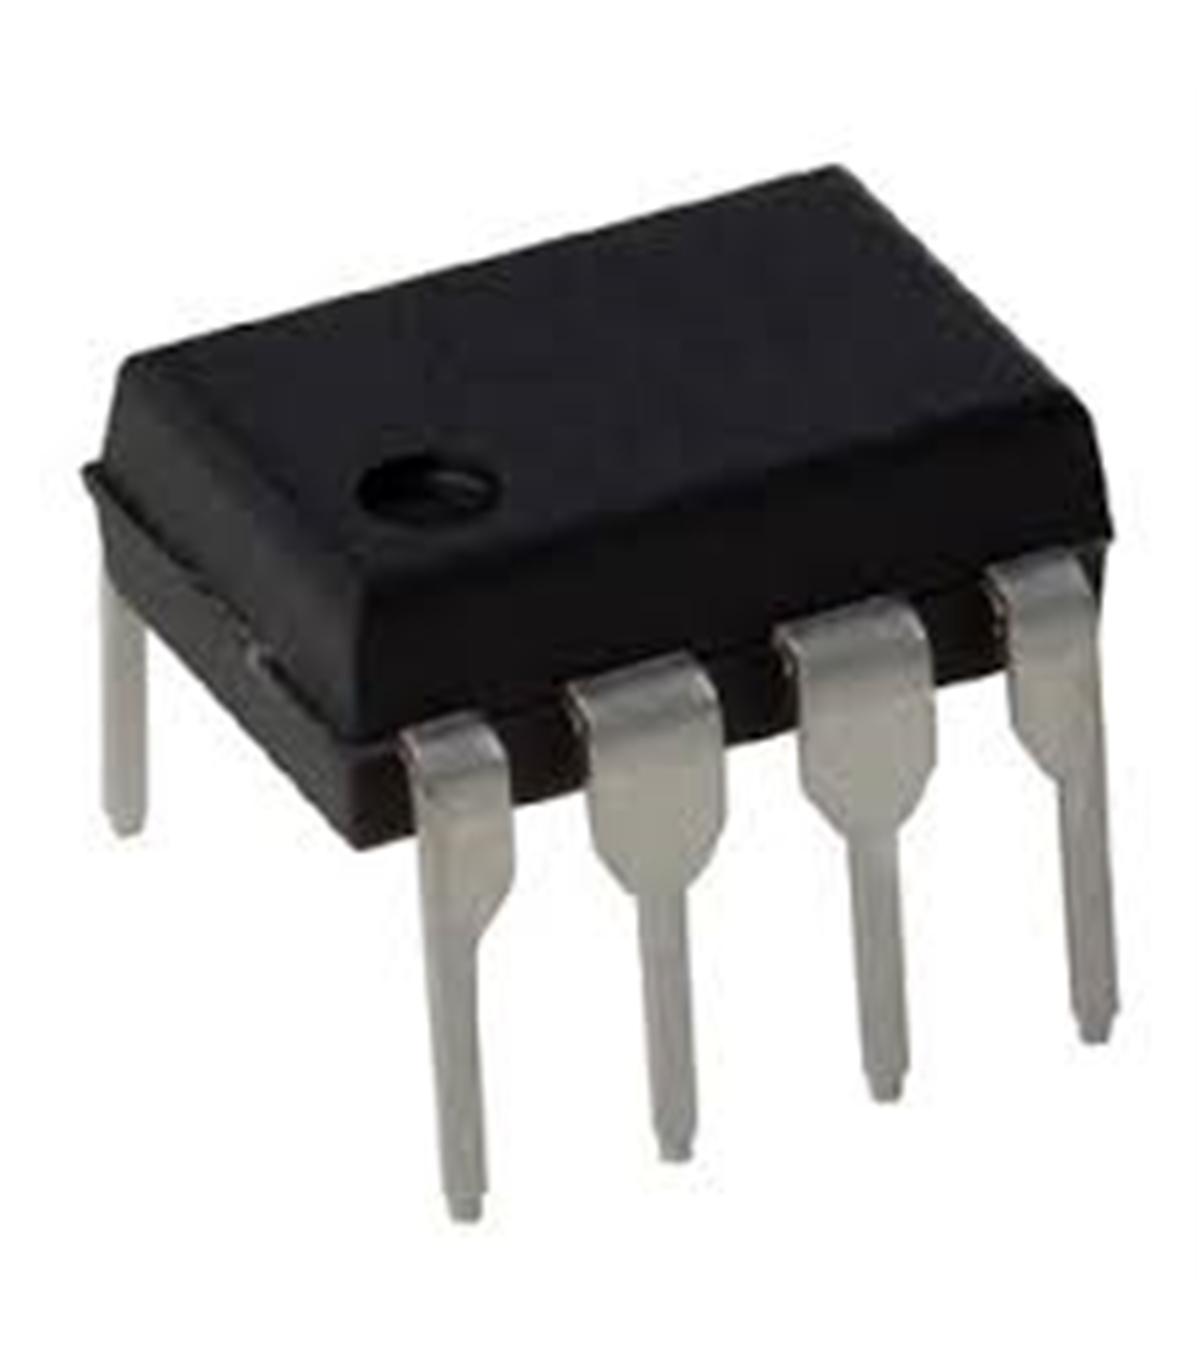 Ca3160e Circuito Integrado Electronica Componentes Electronicos Audio Amplifier Circuit Using Ta7283ap